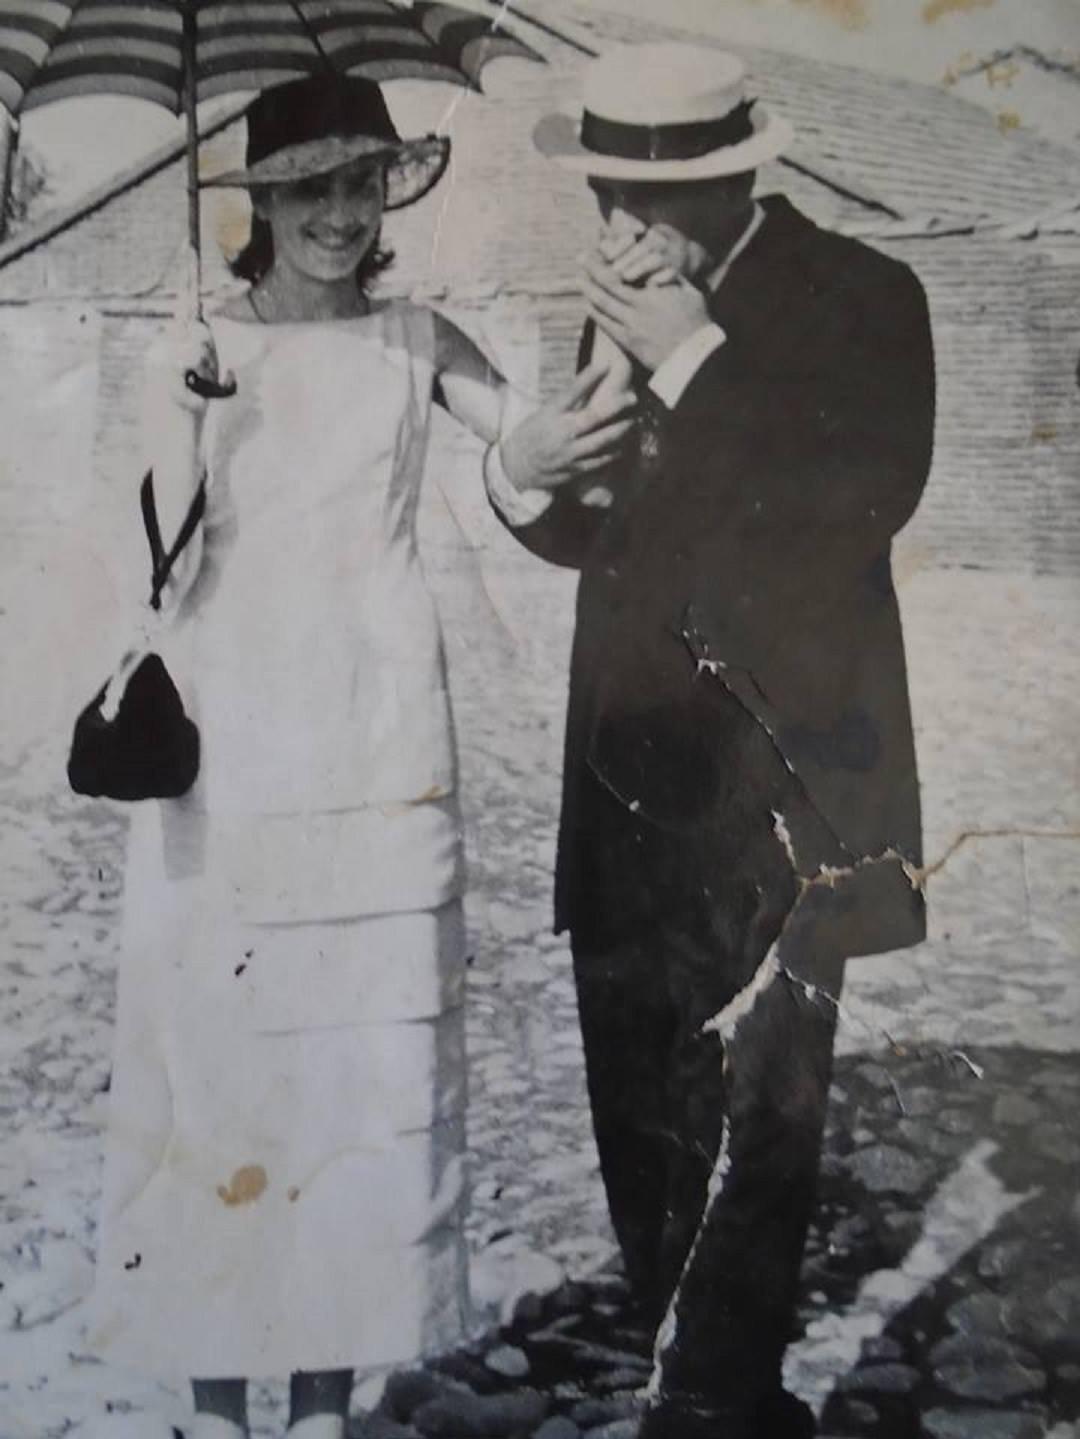 ნელი გოძიაშვილი რეჟისორ შოთა მანაგაძესთან ერთად